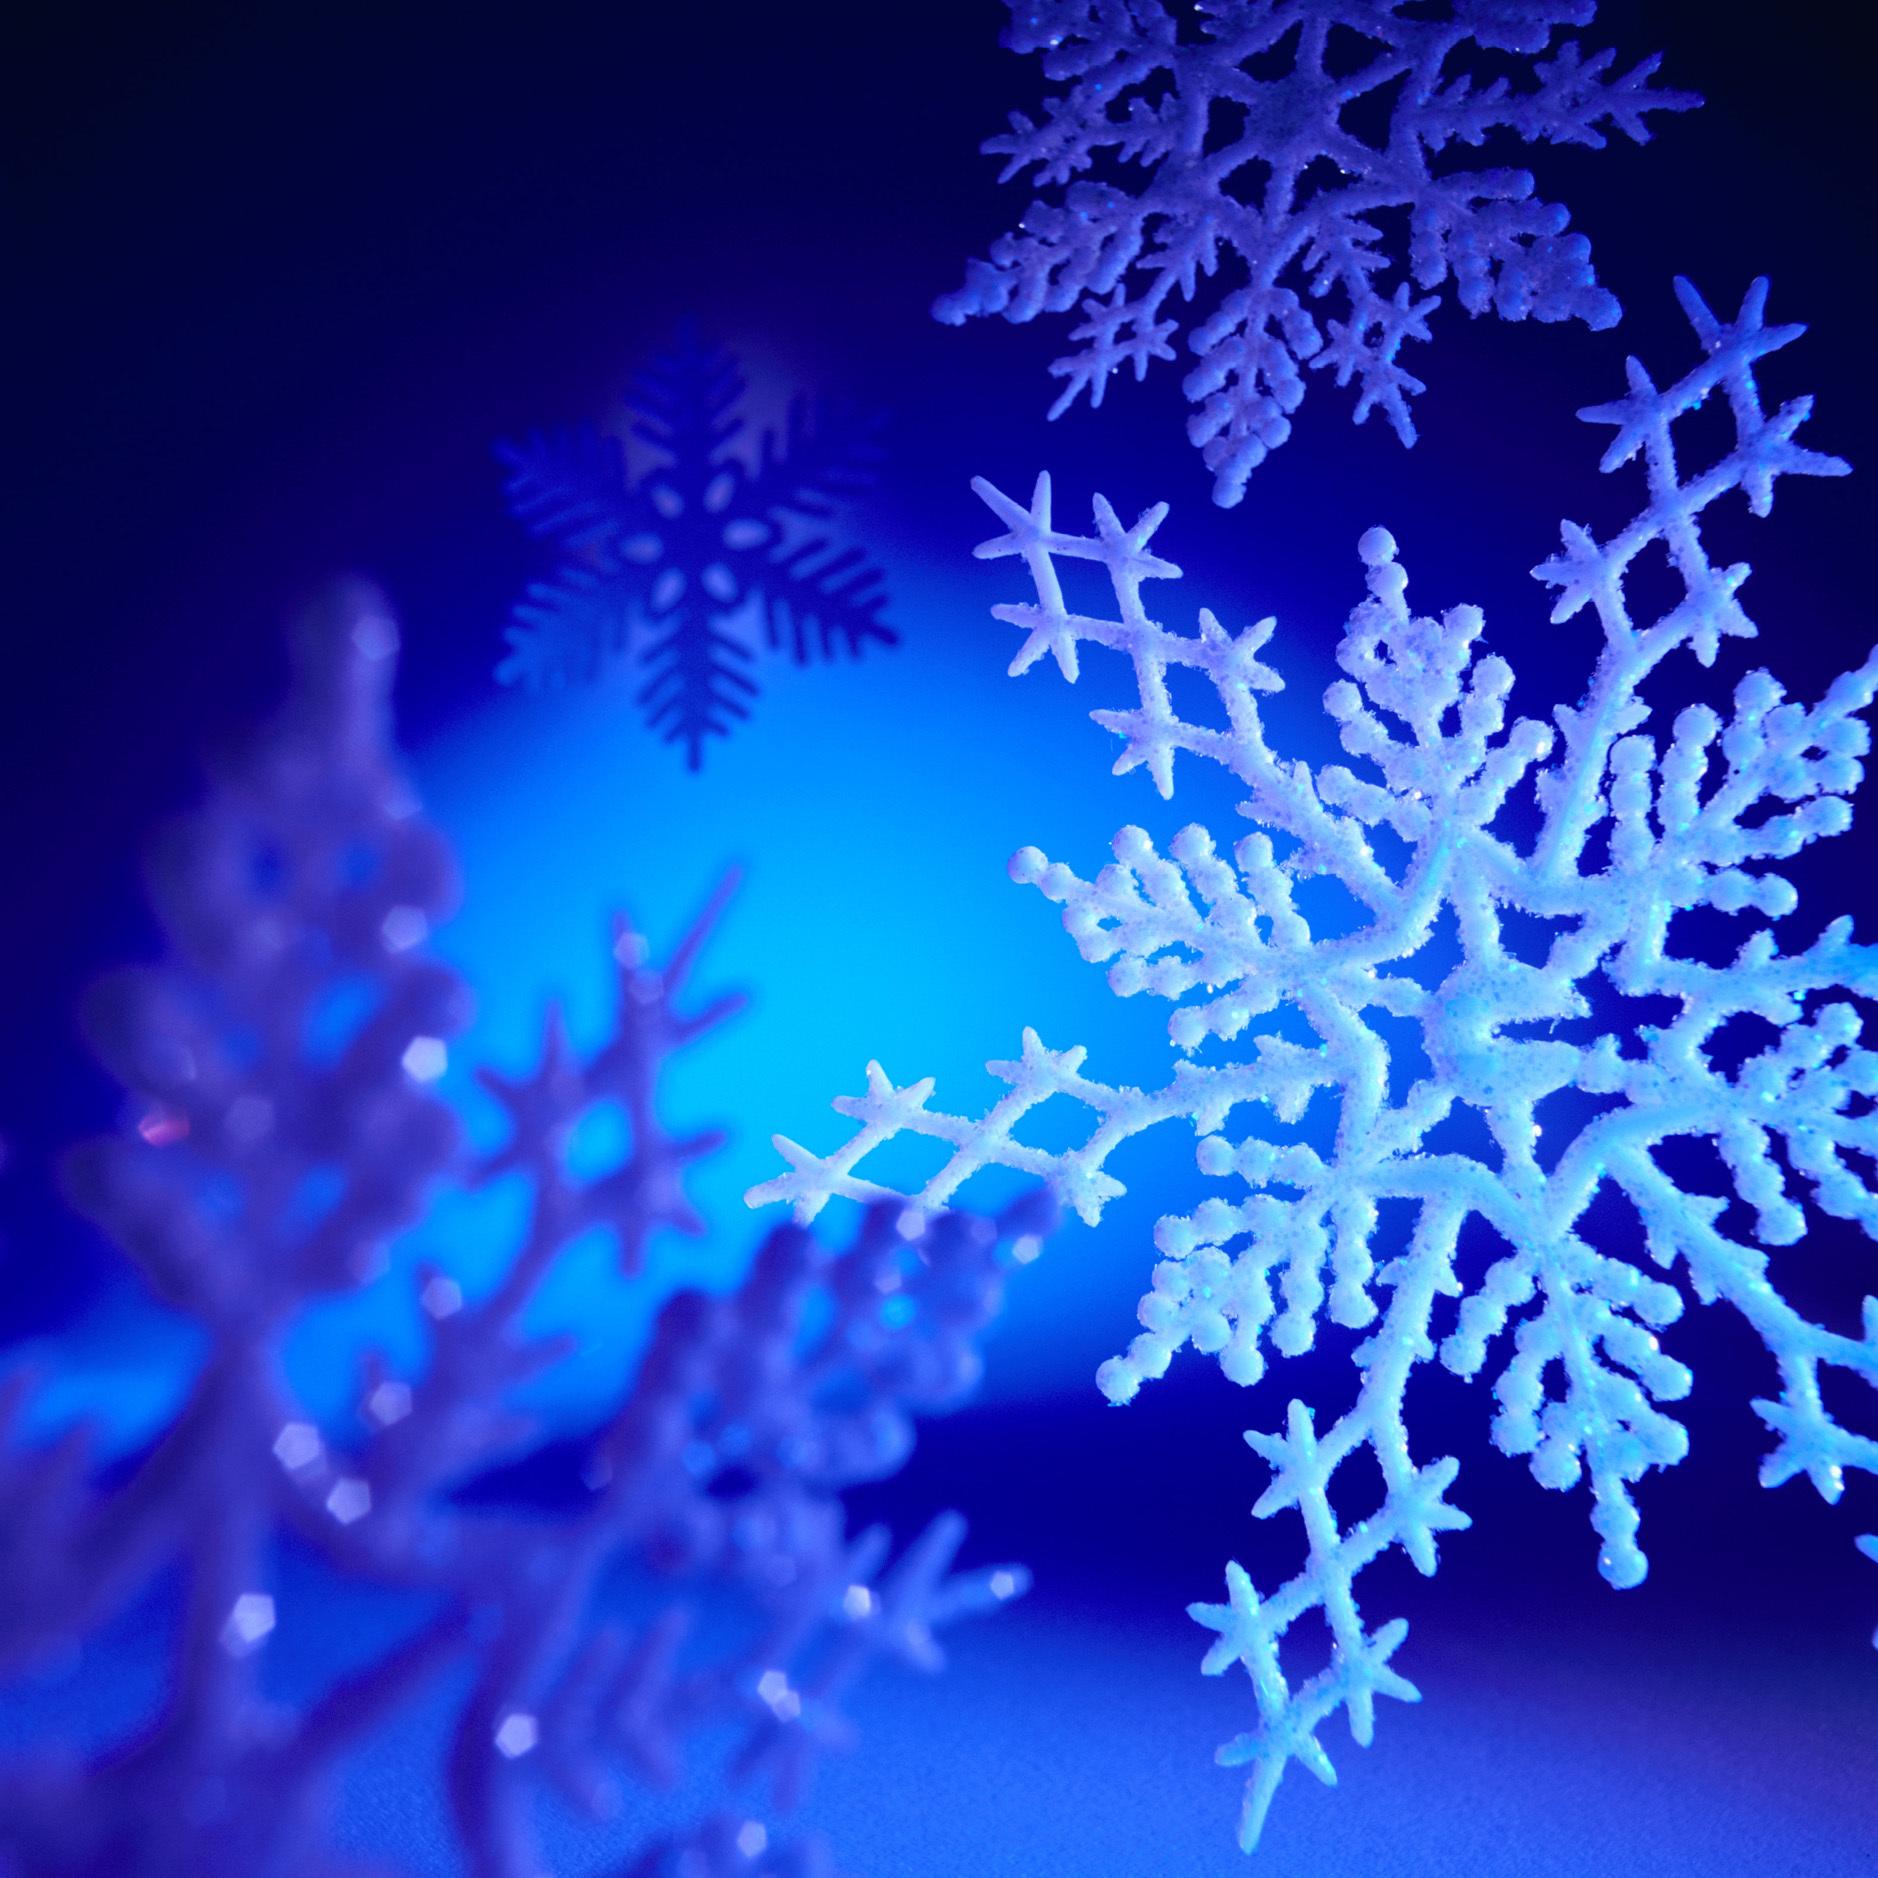 14049 скачать обои Фон, Новый Год (New Year), Праздники, Рождество (Christmas, Xmas), Снежинки - заставки и картинки бесплатно